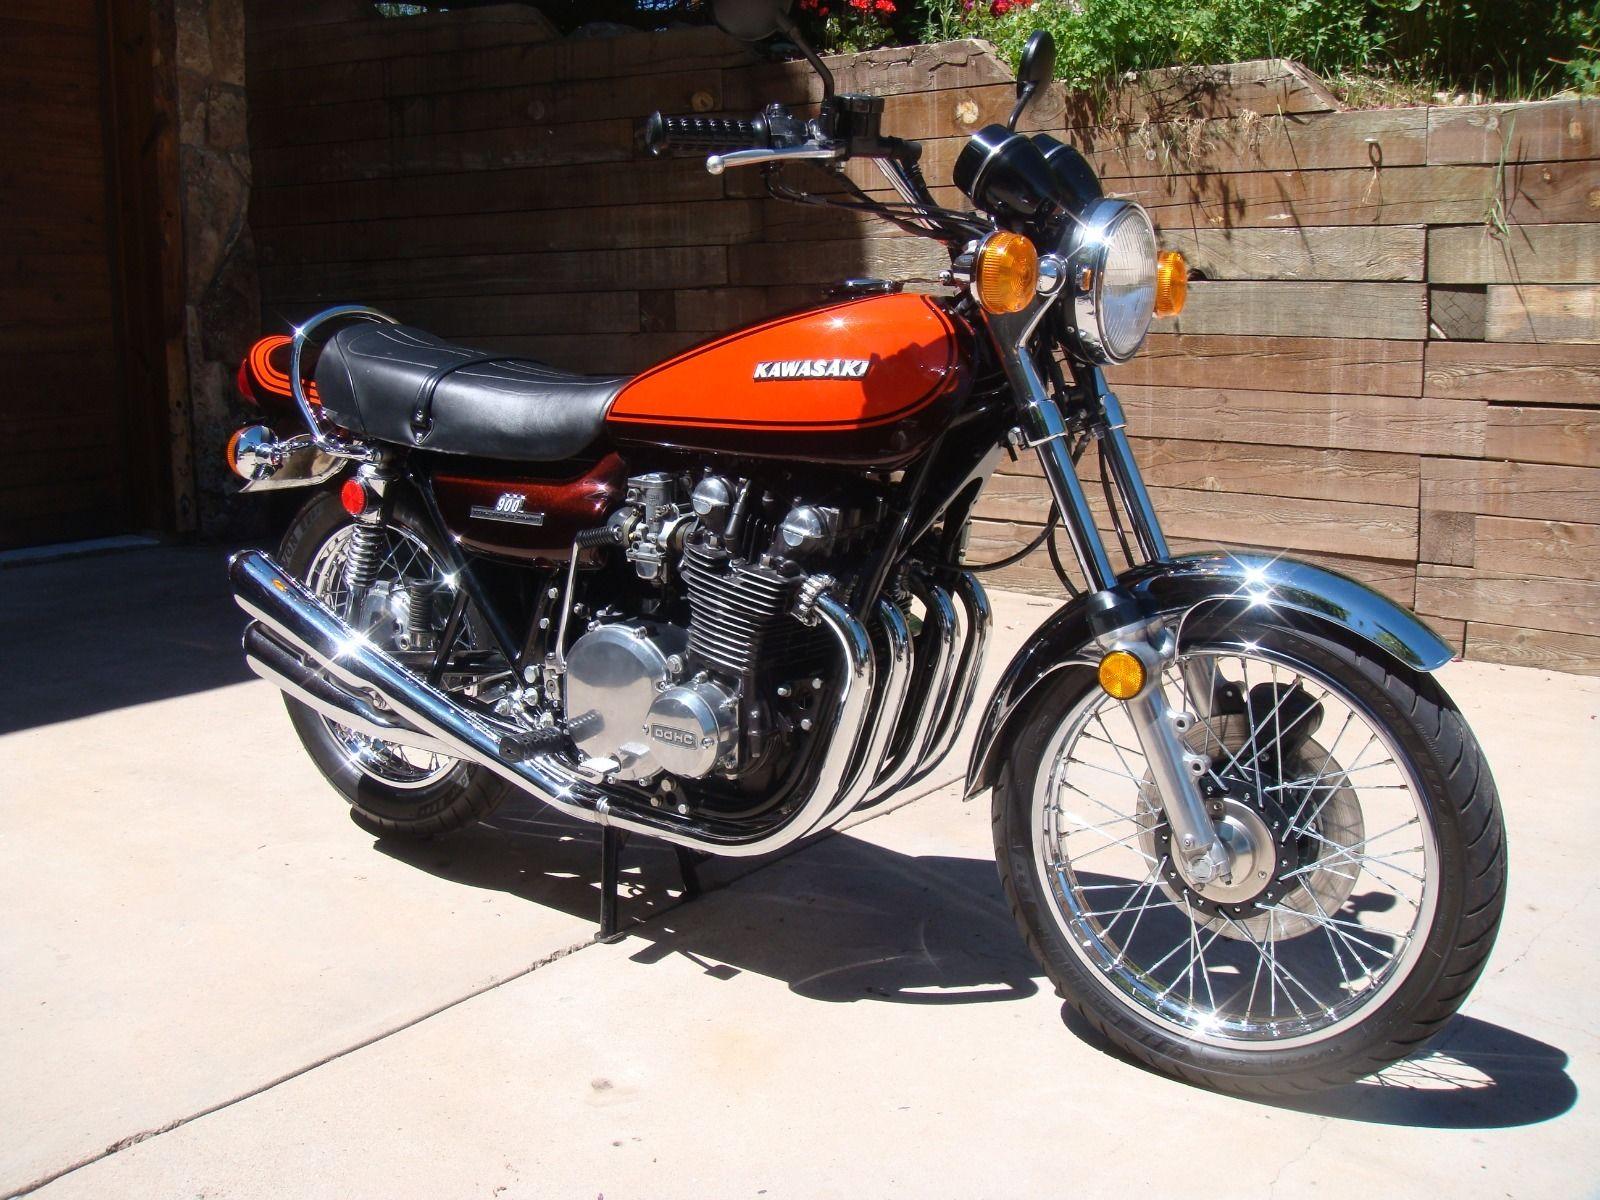 Restored Kawasaki Z1 1973 Photographs At Classic Bikes